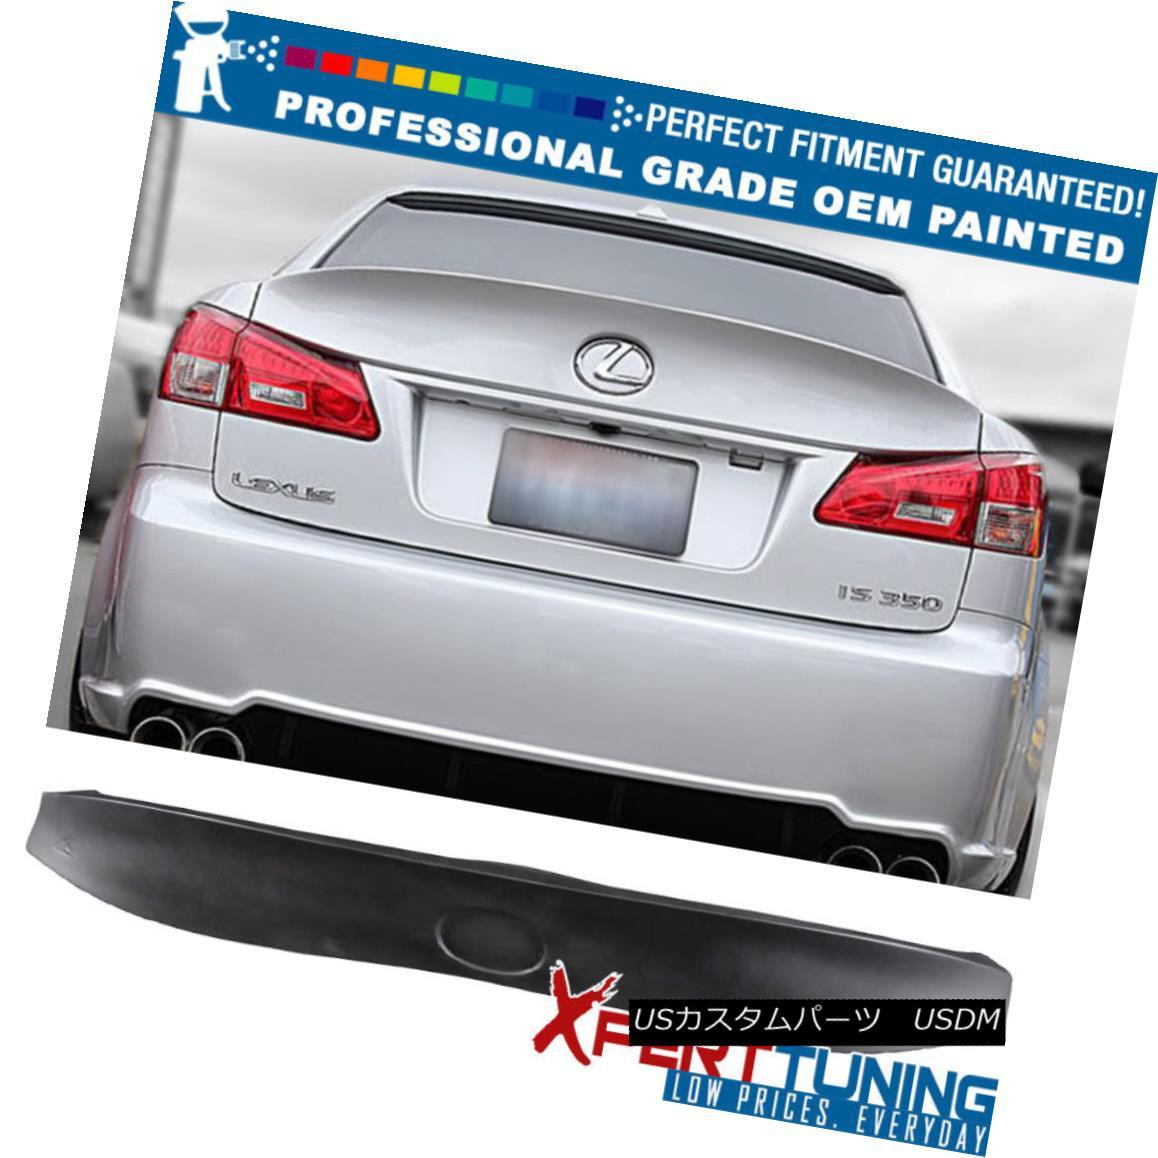 エアロパーツ Fit 06-13 Lexus IS250 IS350 IK Type ABS Trunk Spoiler - OEM Painted Color フィット06-13レクサスIS250 IS350 IKタイプABSトランク・スポイラー - OEM塗装カラー